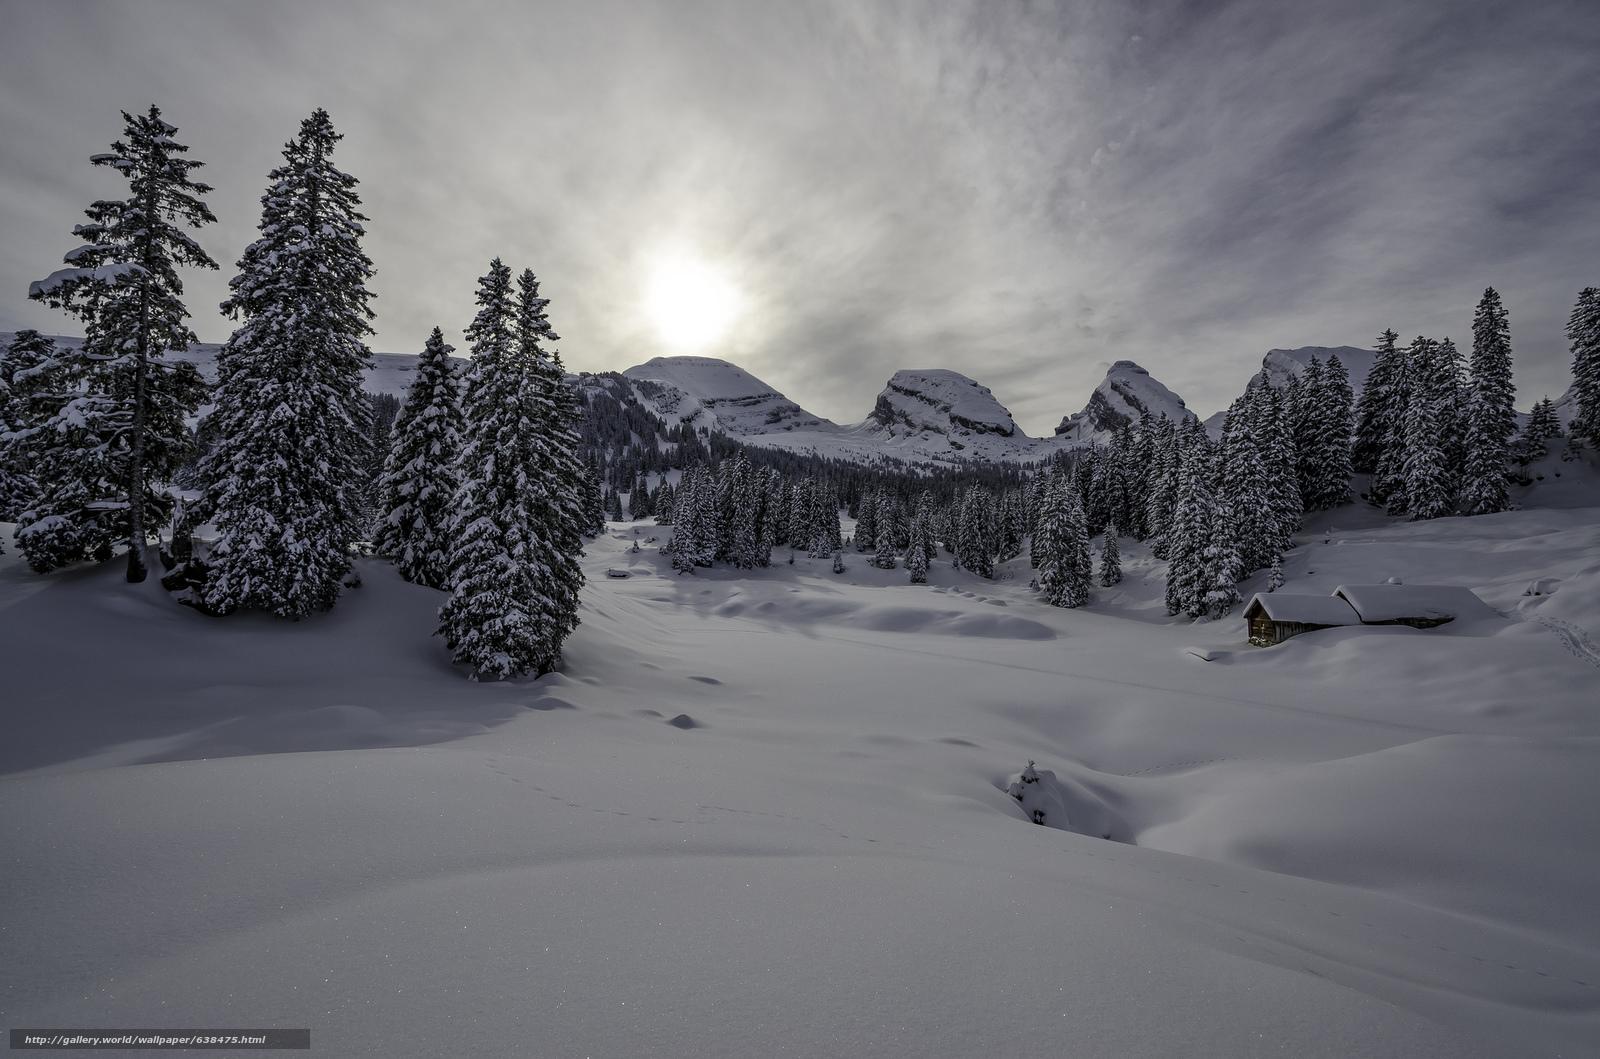 Скачать обои зима,  горы,  деревья,  домик бесплатно для рабочего стола в разрешении 2048x1356 — картинка №638475